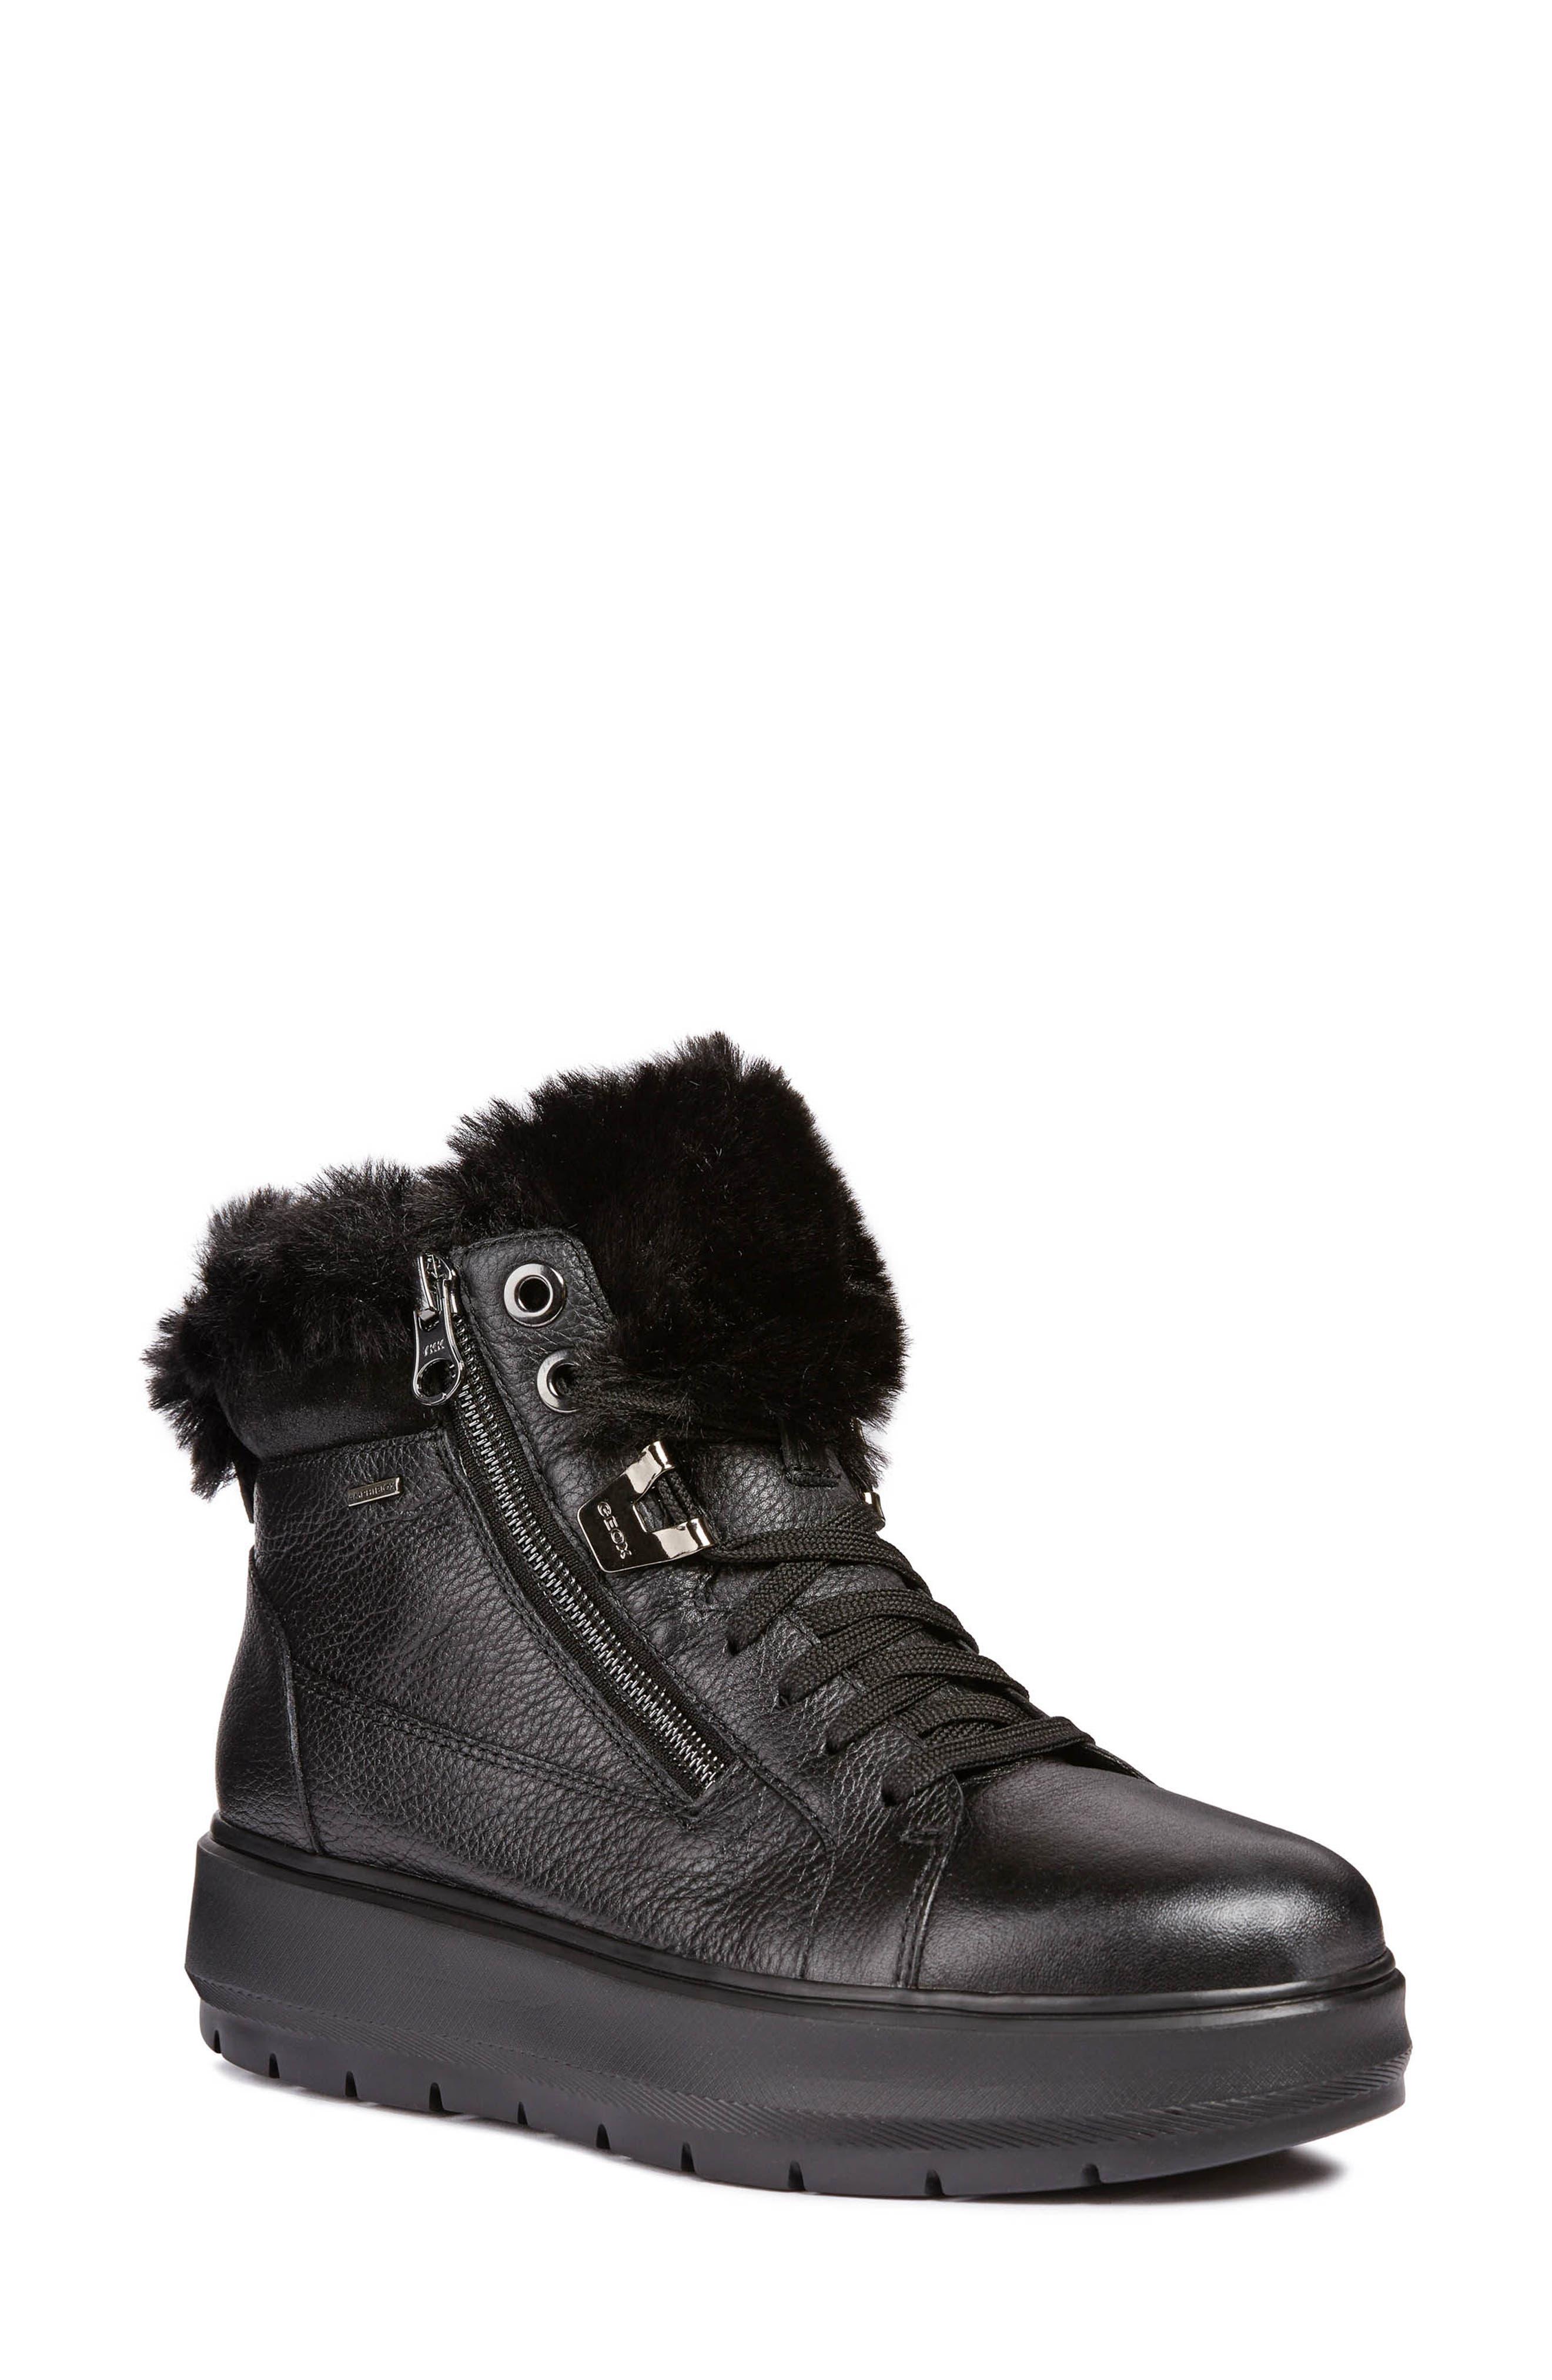 geox winter boots sale, Geox girls' jr creamy c hi top